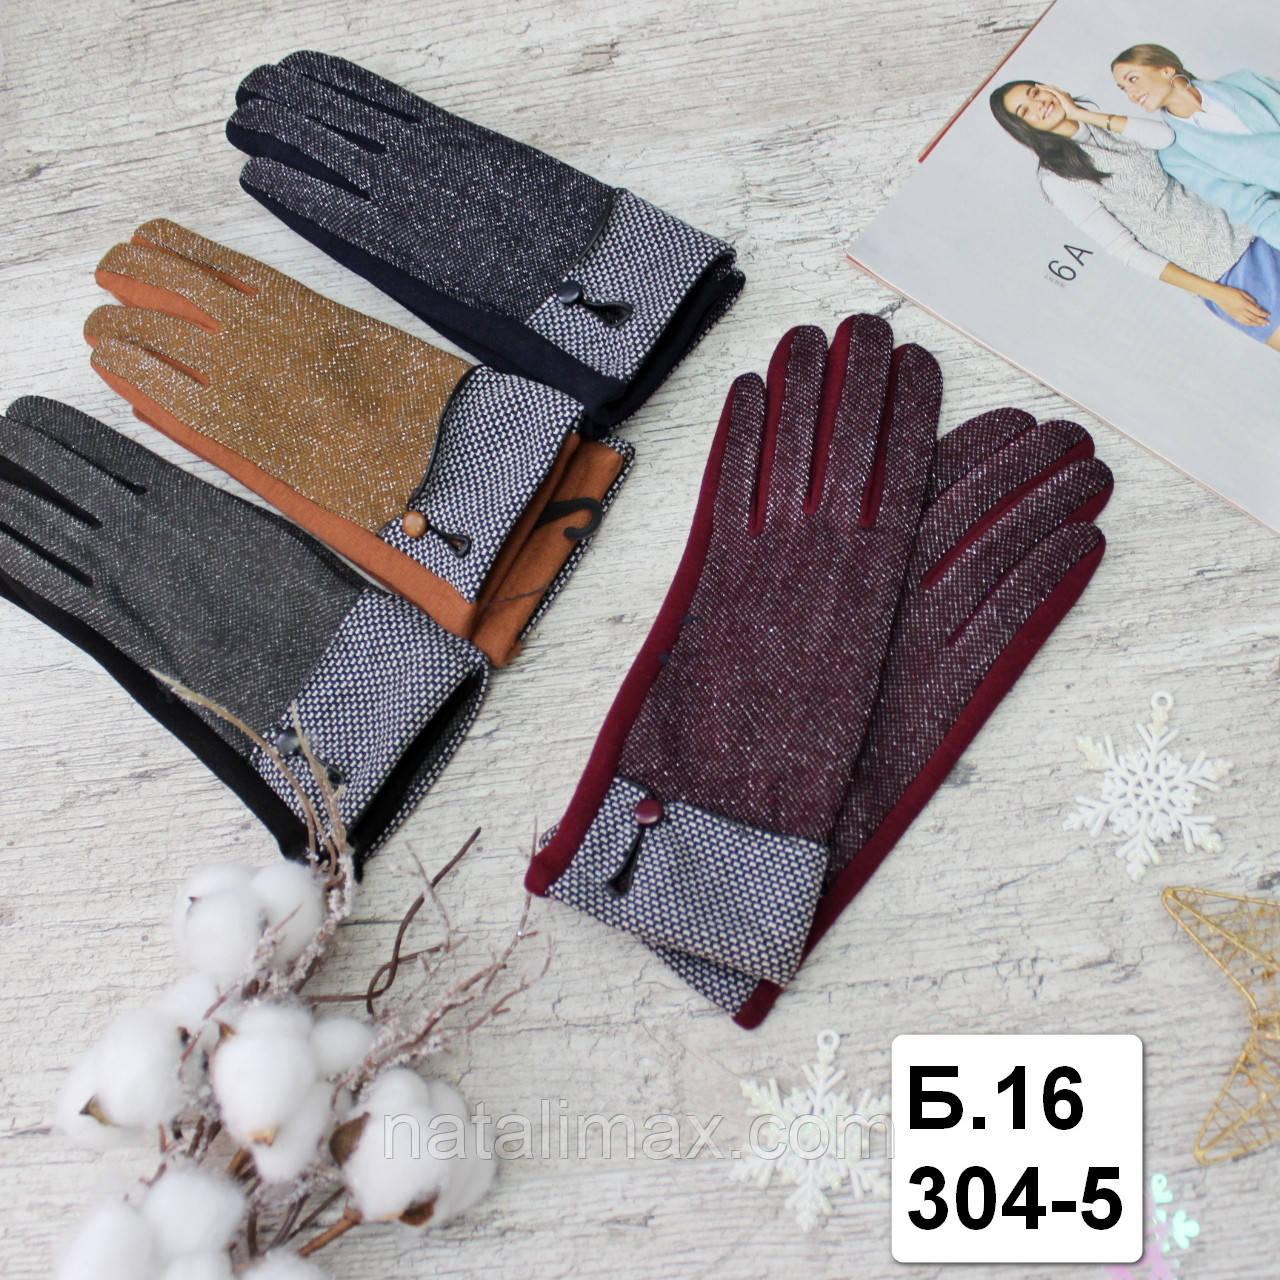 """Перчатки женские с пальчиком для сенсора """"Paidi"""", РОСТОВКА, трикотаж на МЕХУ,  качественные женские перчатки"""